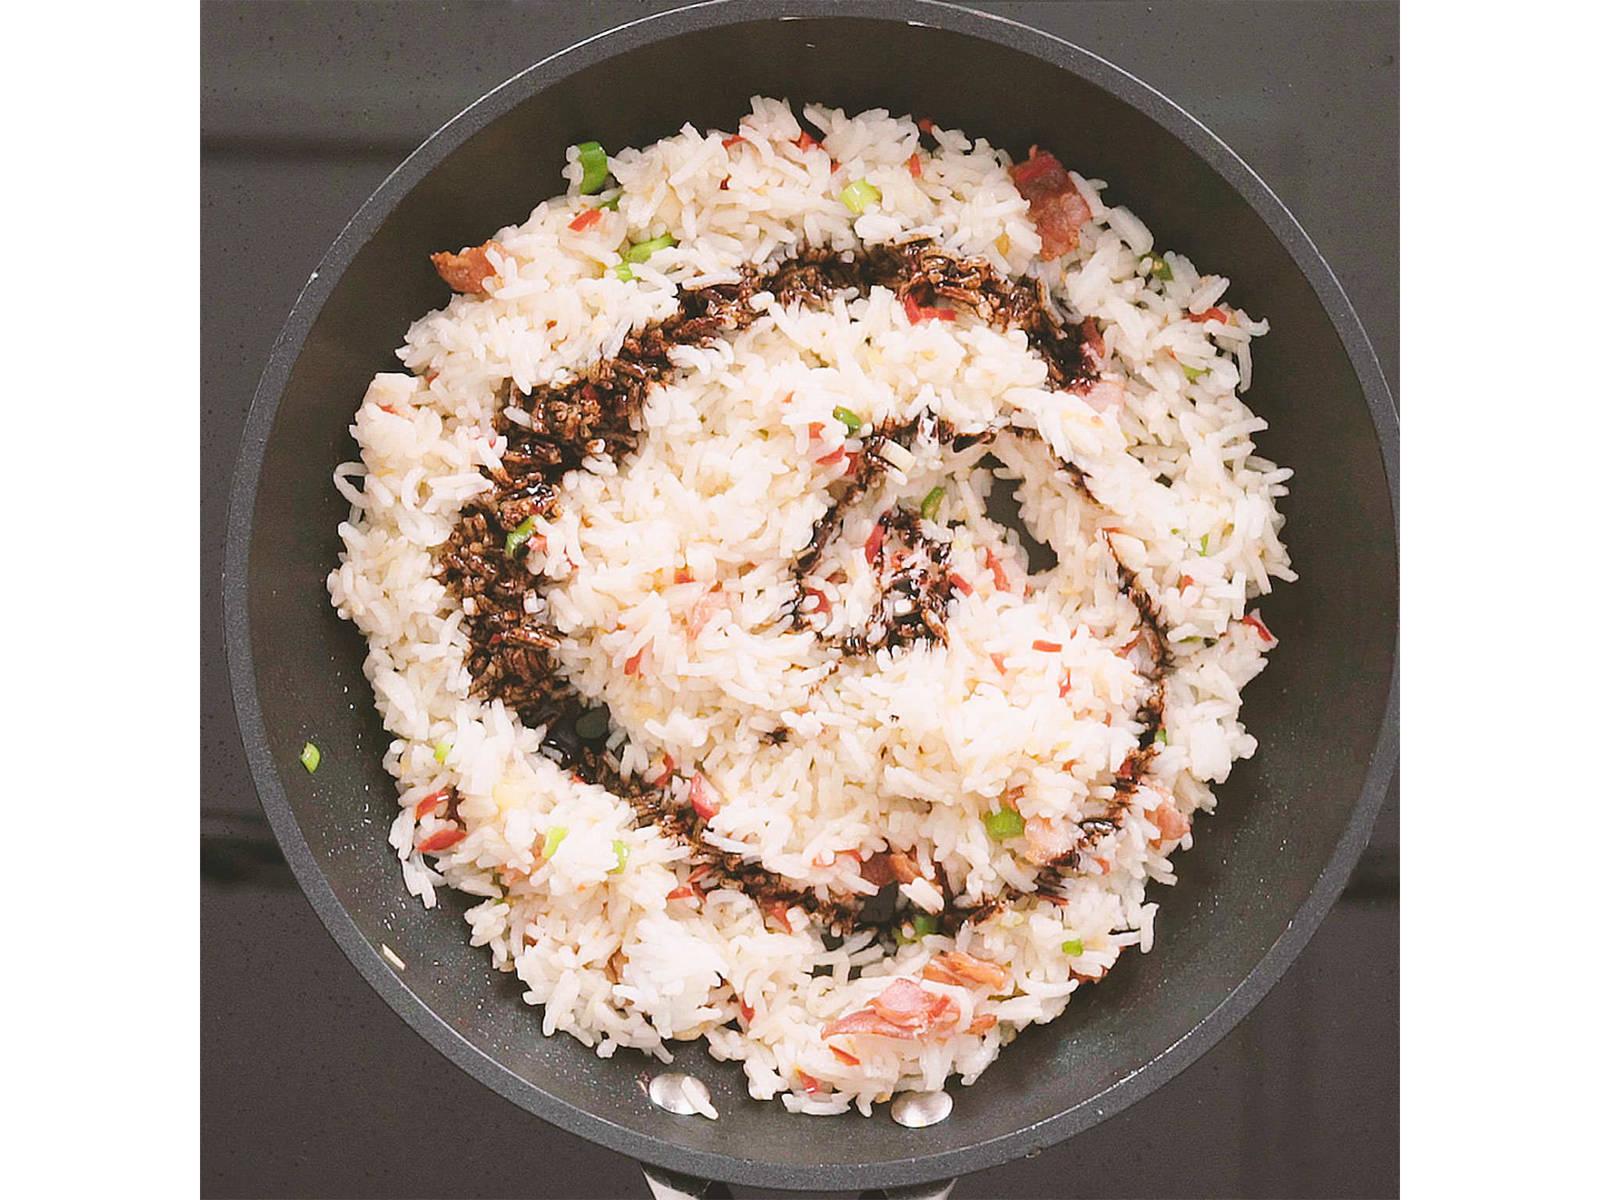 倒入米饭,翻炒2分钟。倒酱油,翻搅均匀。待米饭变得稍微焦脆时,打入鸡蛋,然后迅速翻搅,把鸡蛋炒散。撒盐调味。